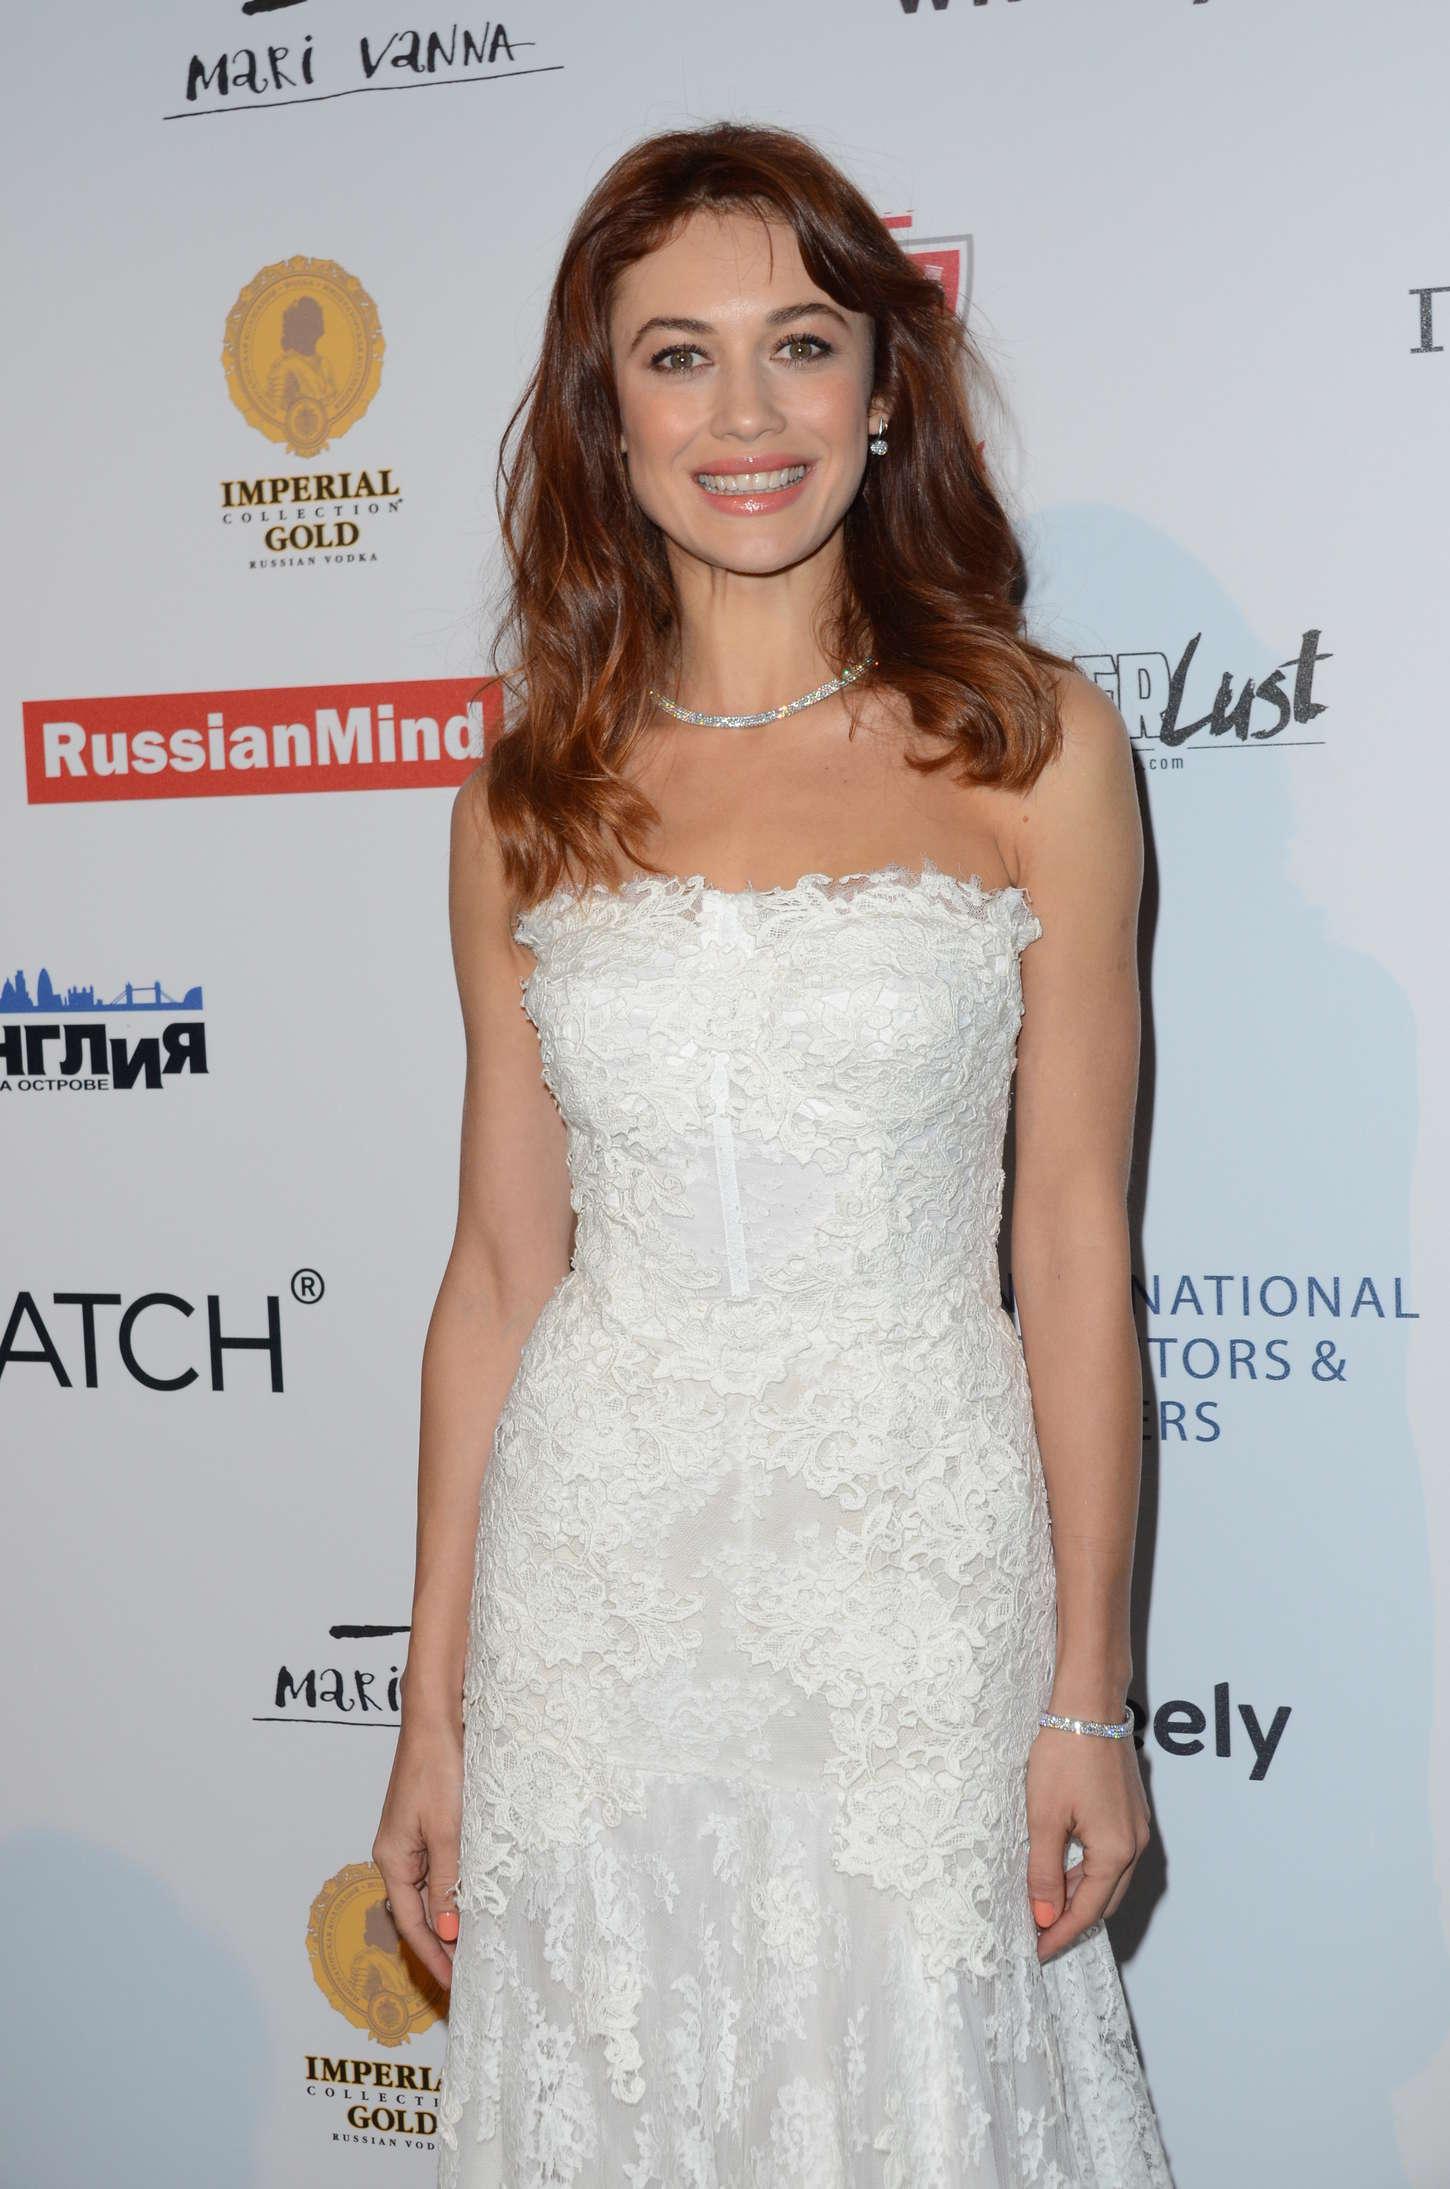 Olga Kurylenko 2014 : Olga Kurylenko: 2014 Russian Ball in London -04